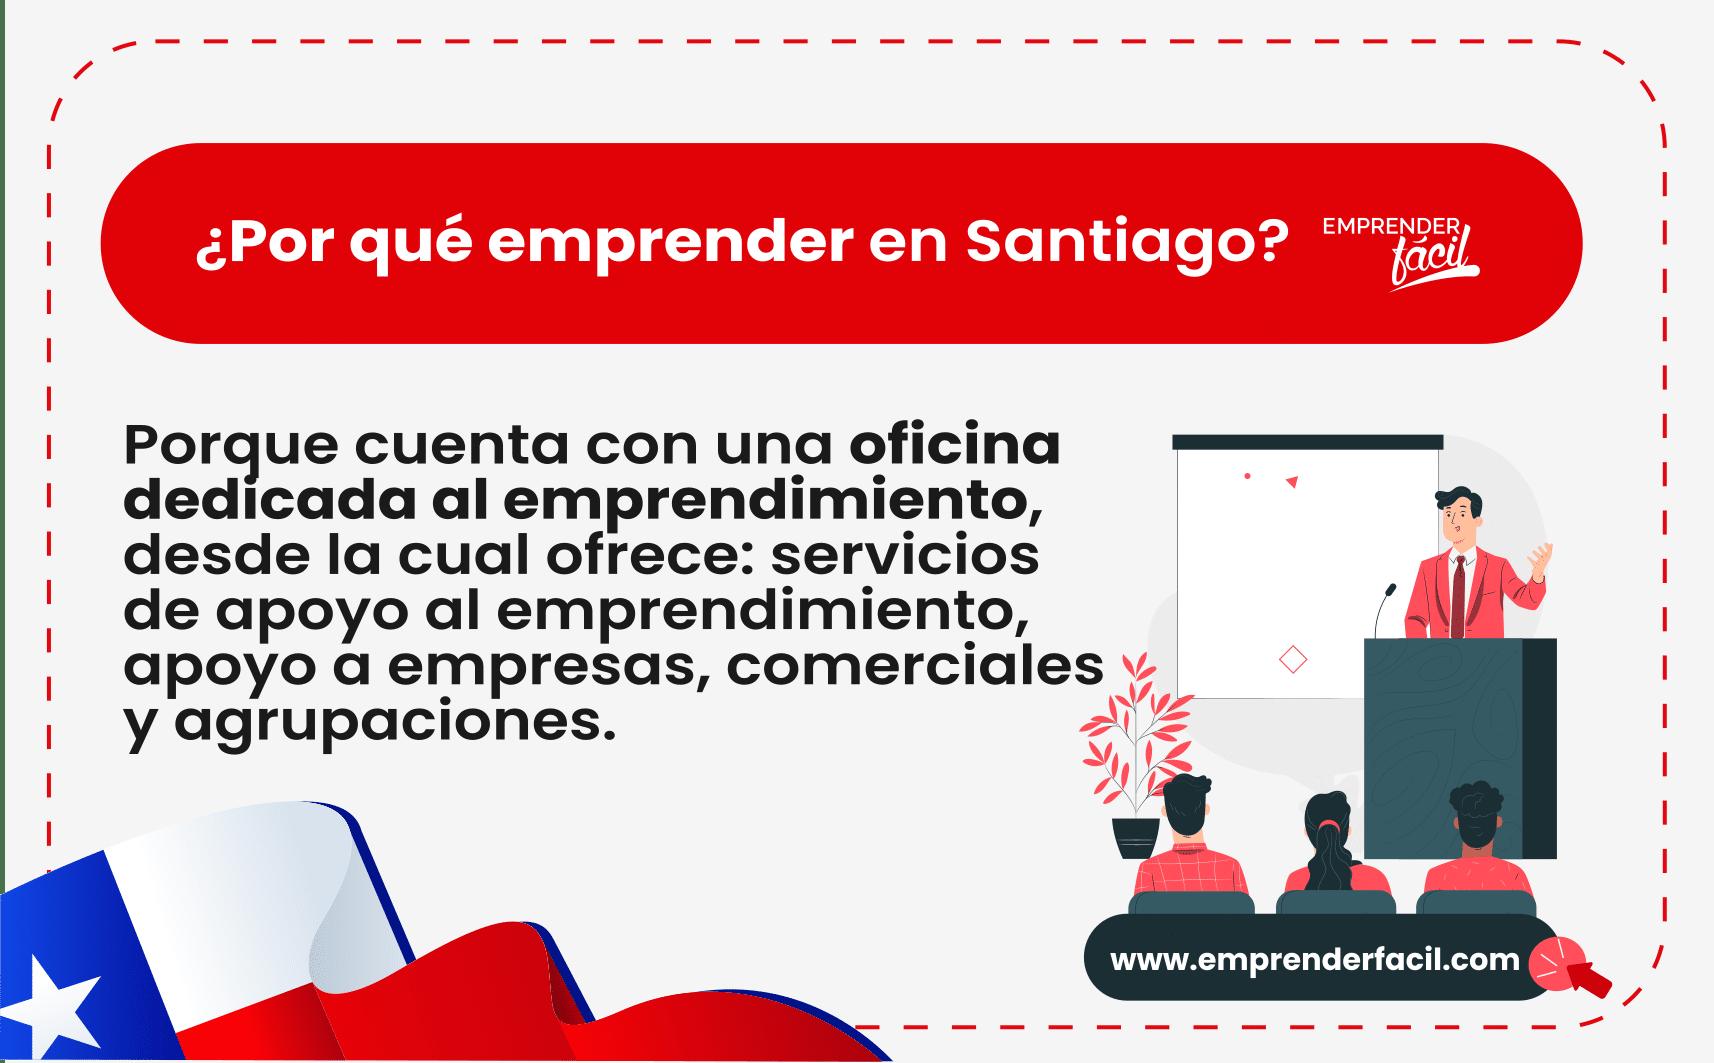 Es posible emprender en Santiago de Chile